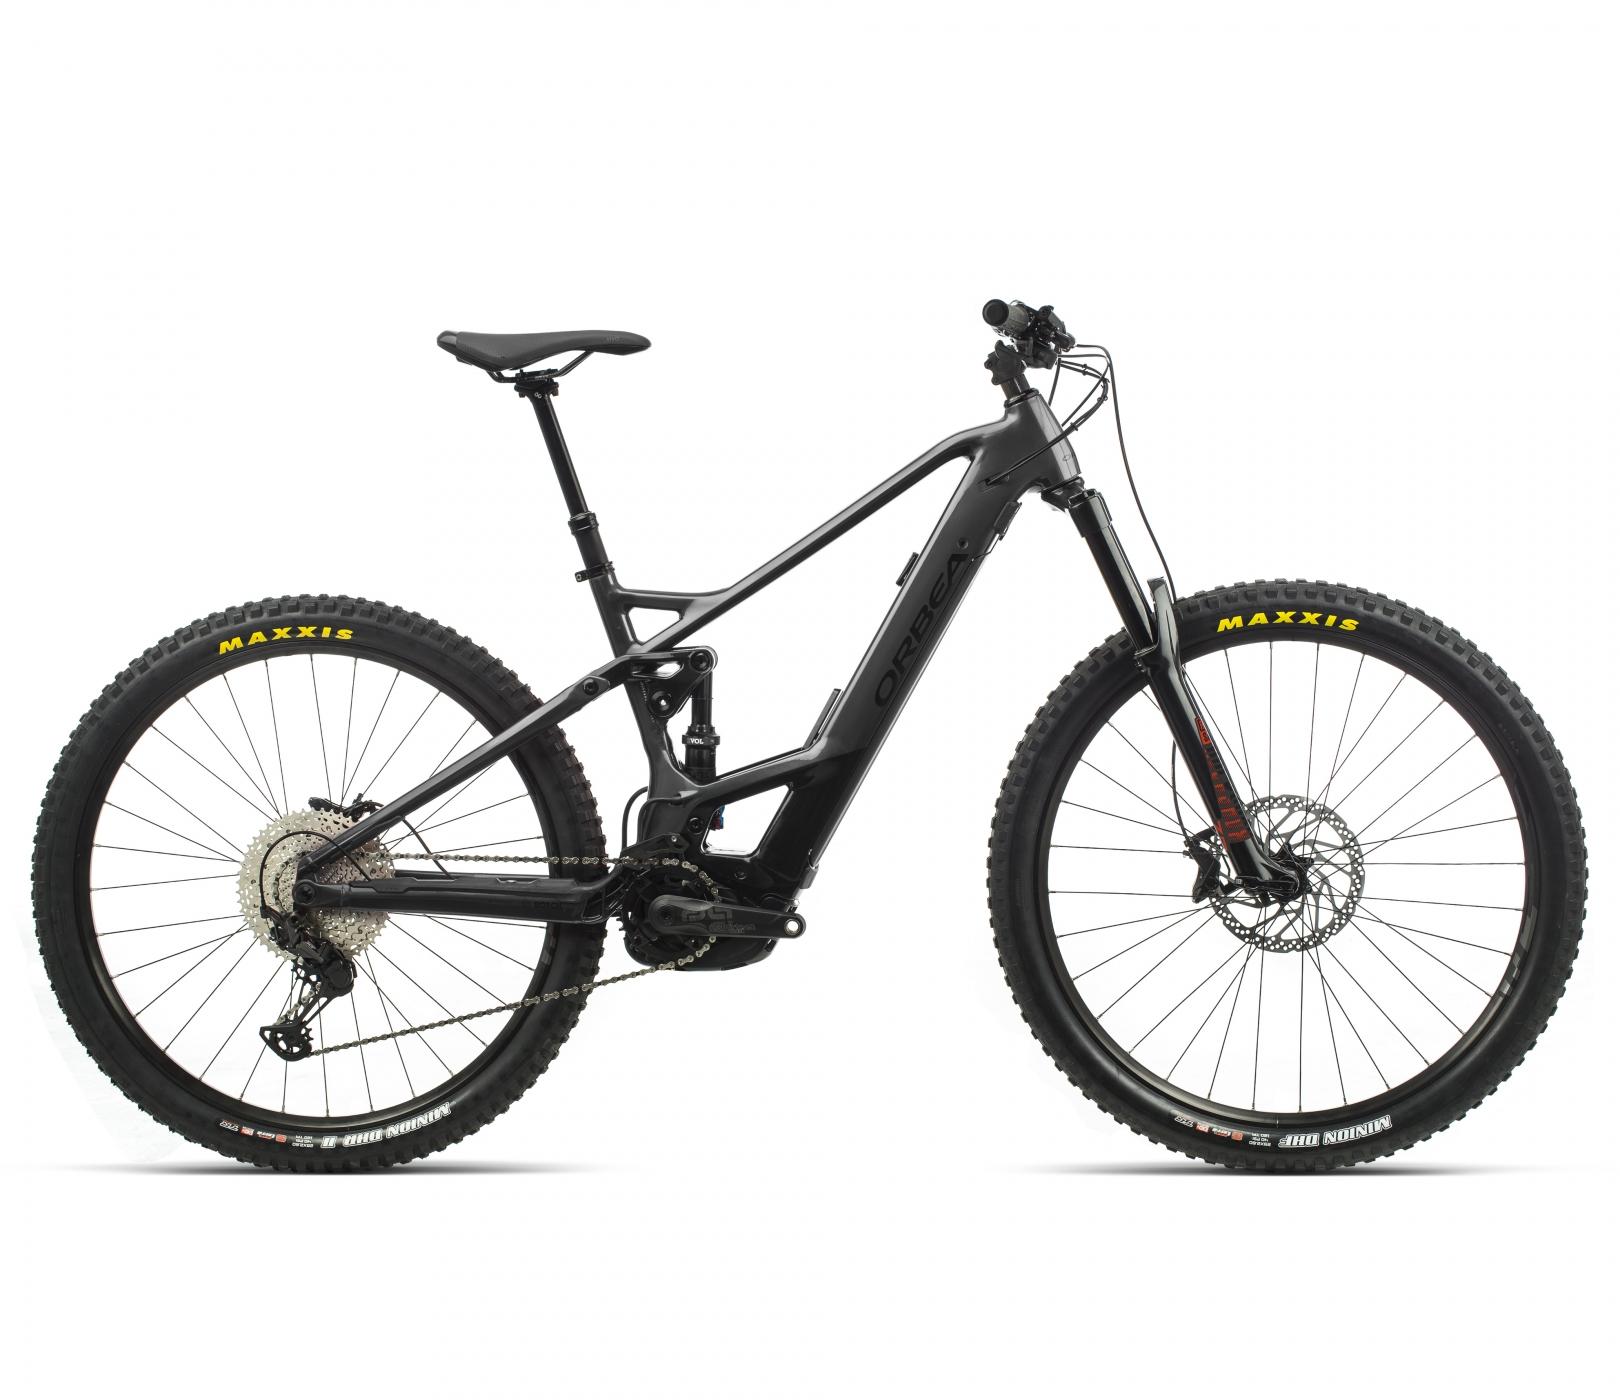 ORBEA WILD FS H25 eBike - GRAFIET / ZWART (GLOSS) @G-Bikes